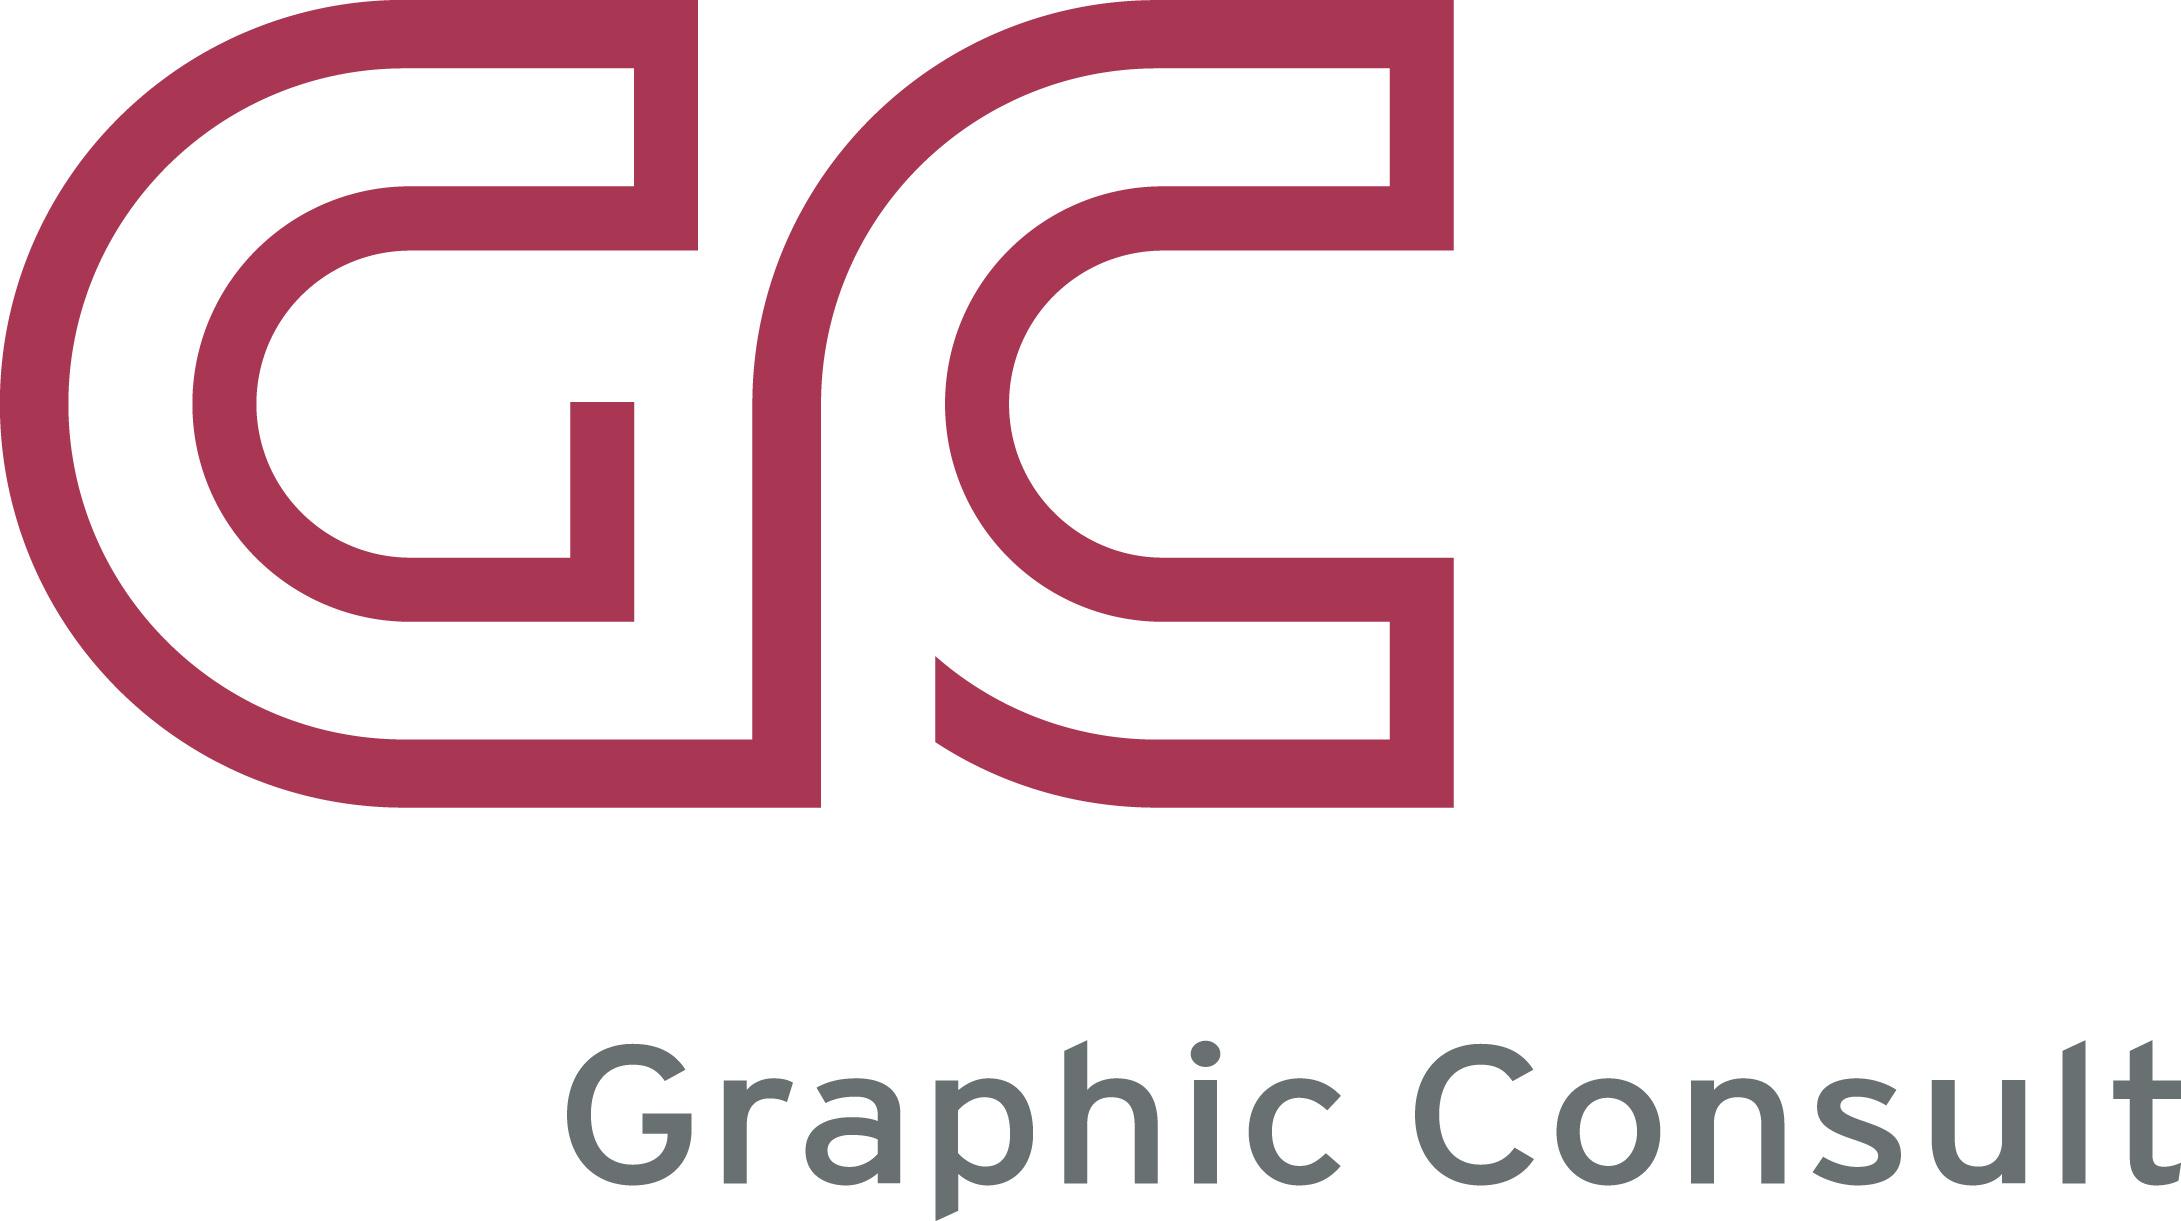 Graphic Consult